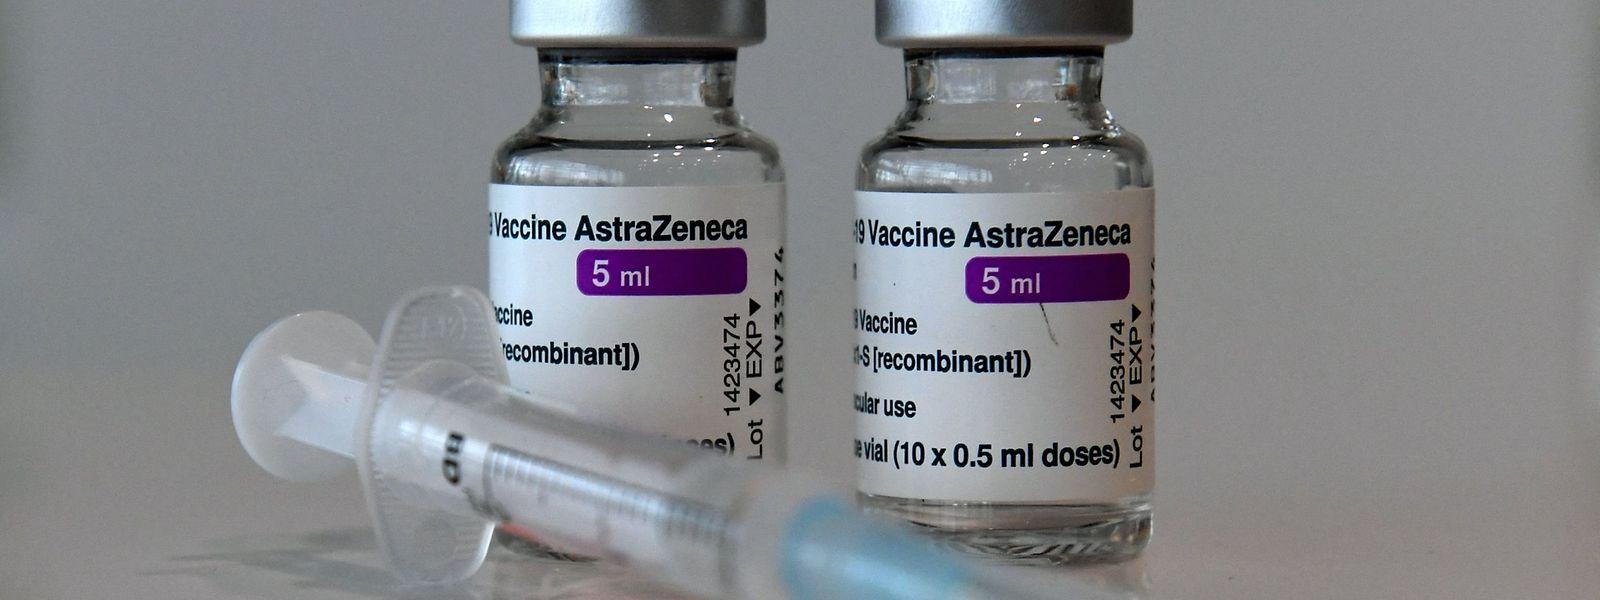 Annoncé efficace à 79% pour prévenir les cas symptomatiques, le vaccin ne le serait en réalité qu'à 76%. Contre les cas graves, ce taux resterait néanmoins inchangé, à savoir 100%.